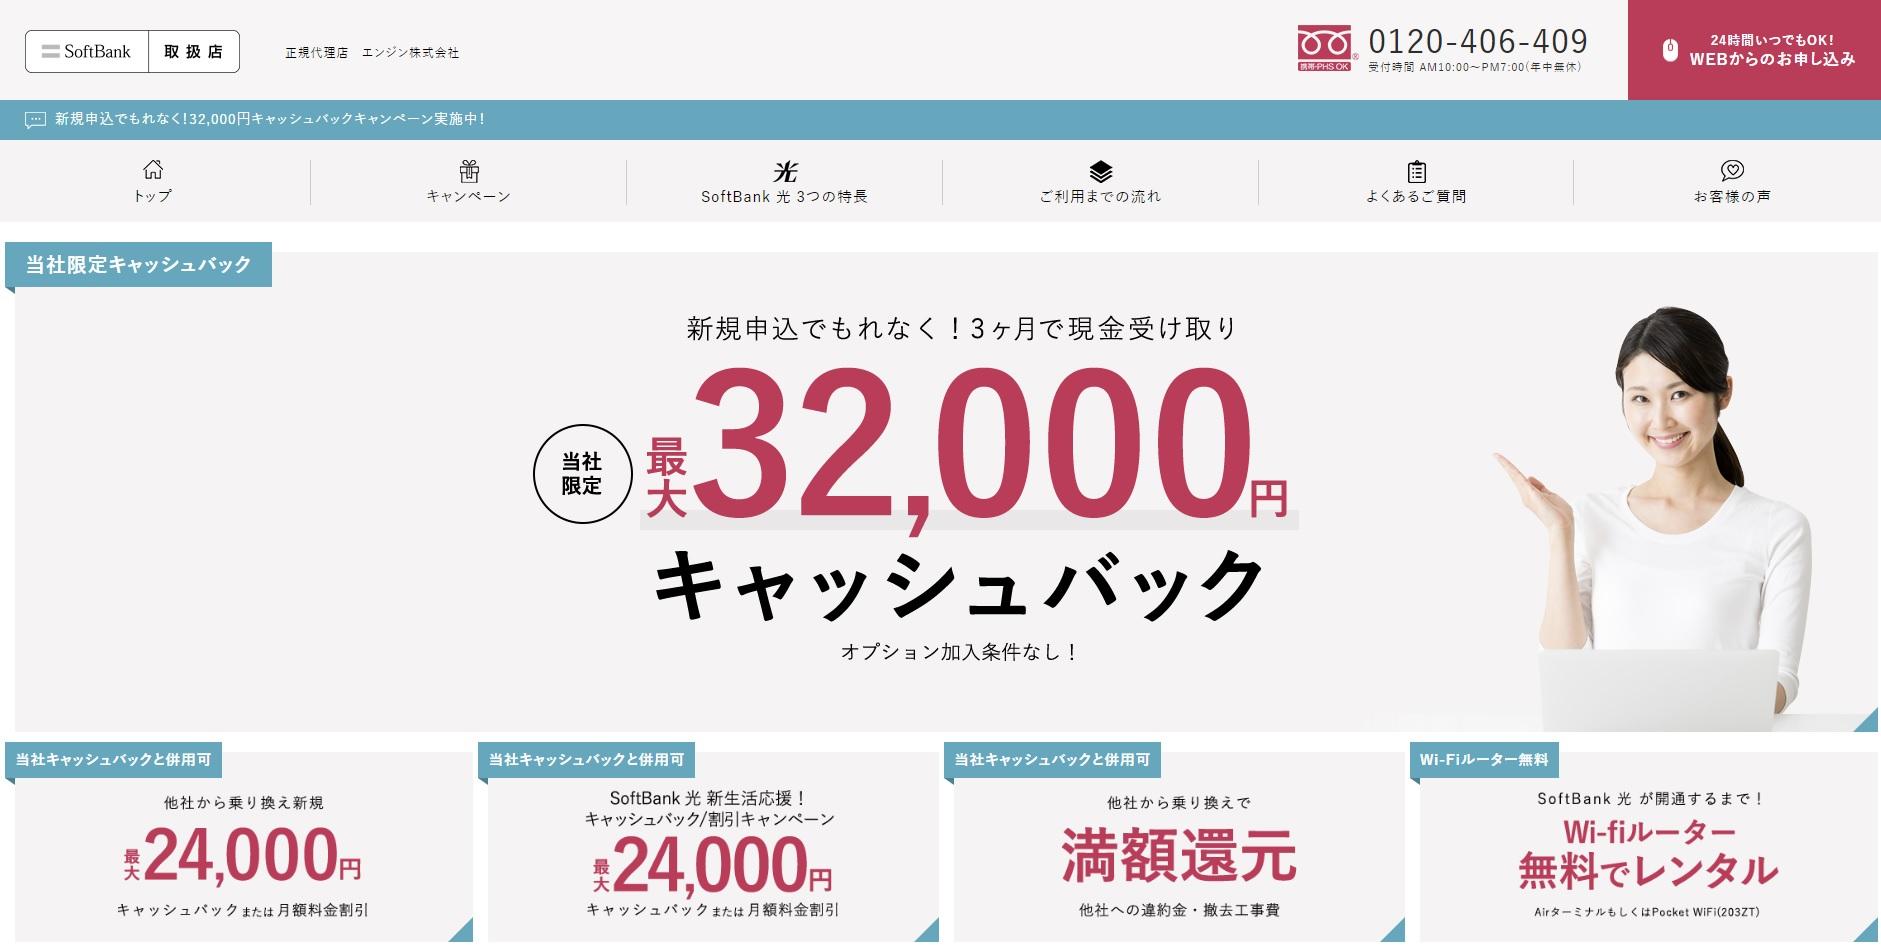 ソフトバンク光の代理店「エンジン」のキャンペーンの詳細を徹底解説!